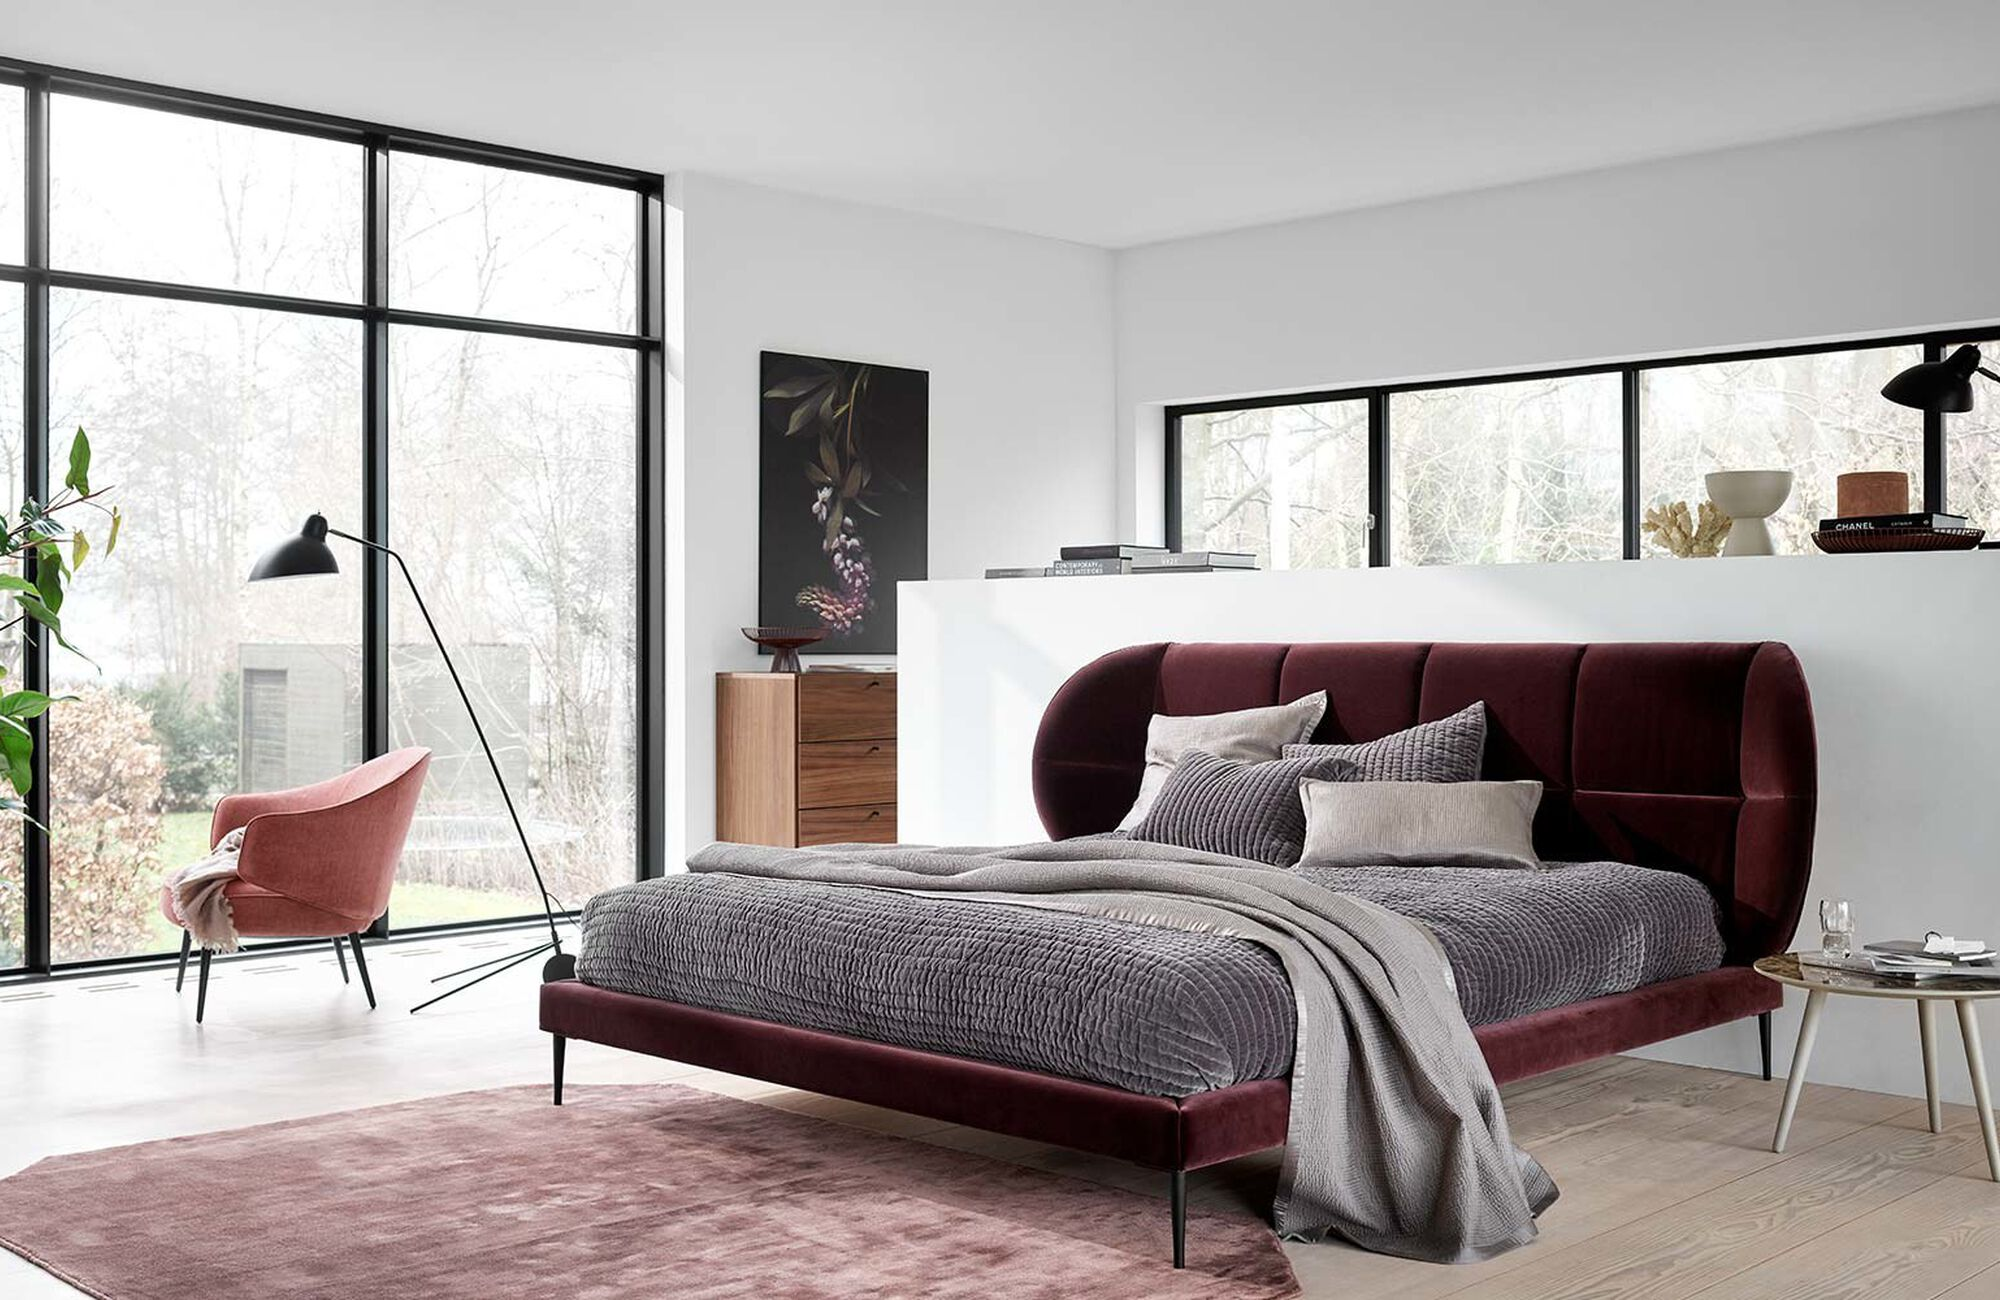 Diseños de Henrik Pedersen - Cama Oxford, no incluye colchón